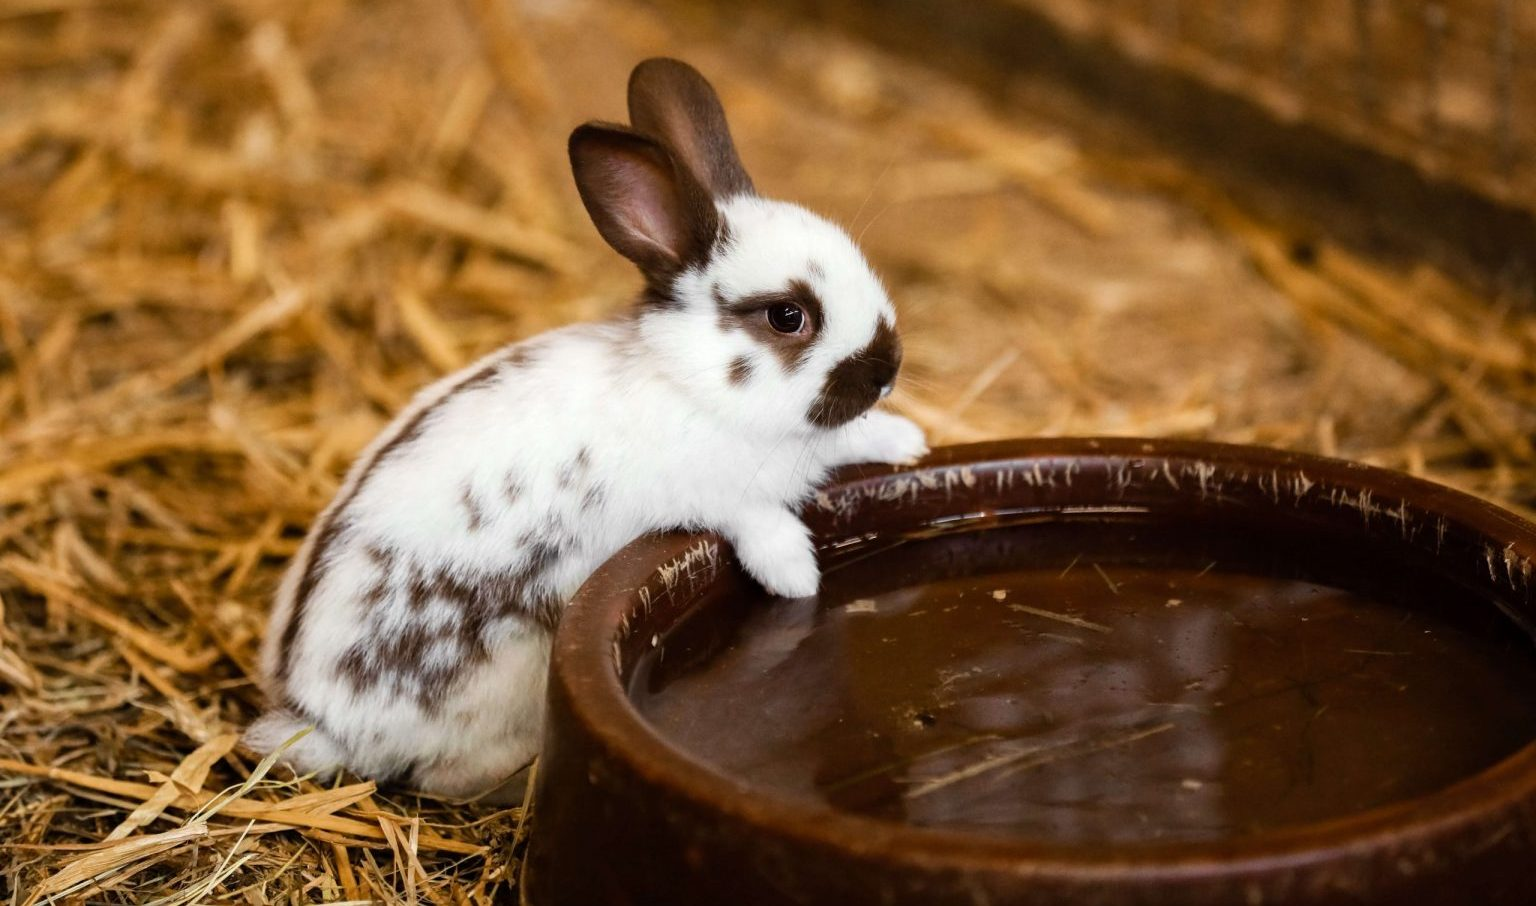 Le petit lapin blanc sur le foin essaye d'atteindre son grand bol d'eau fraîche